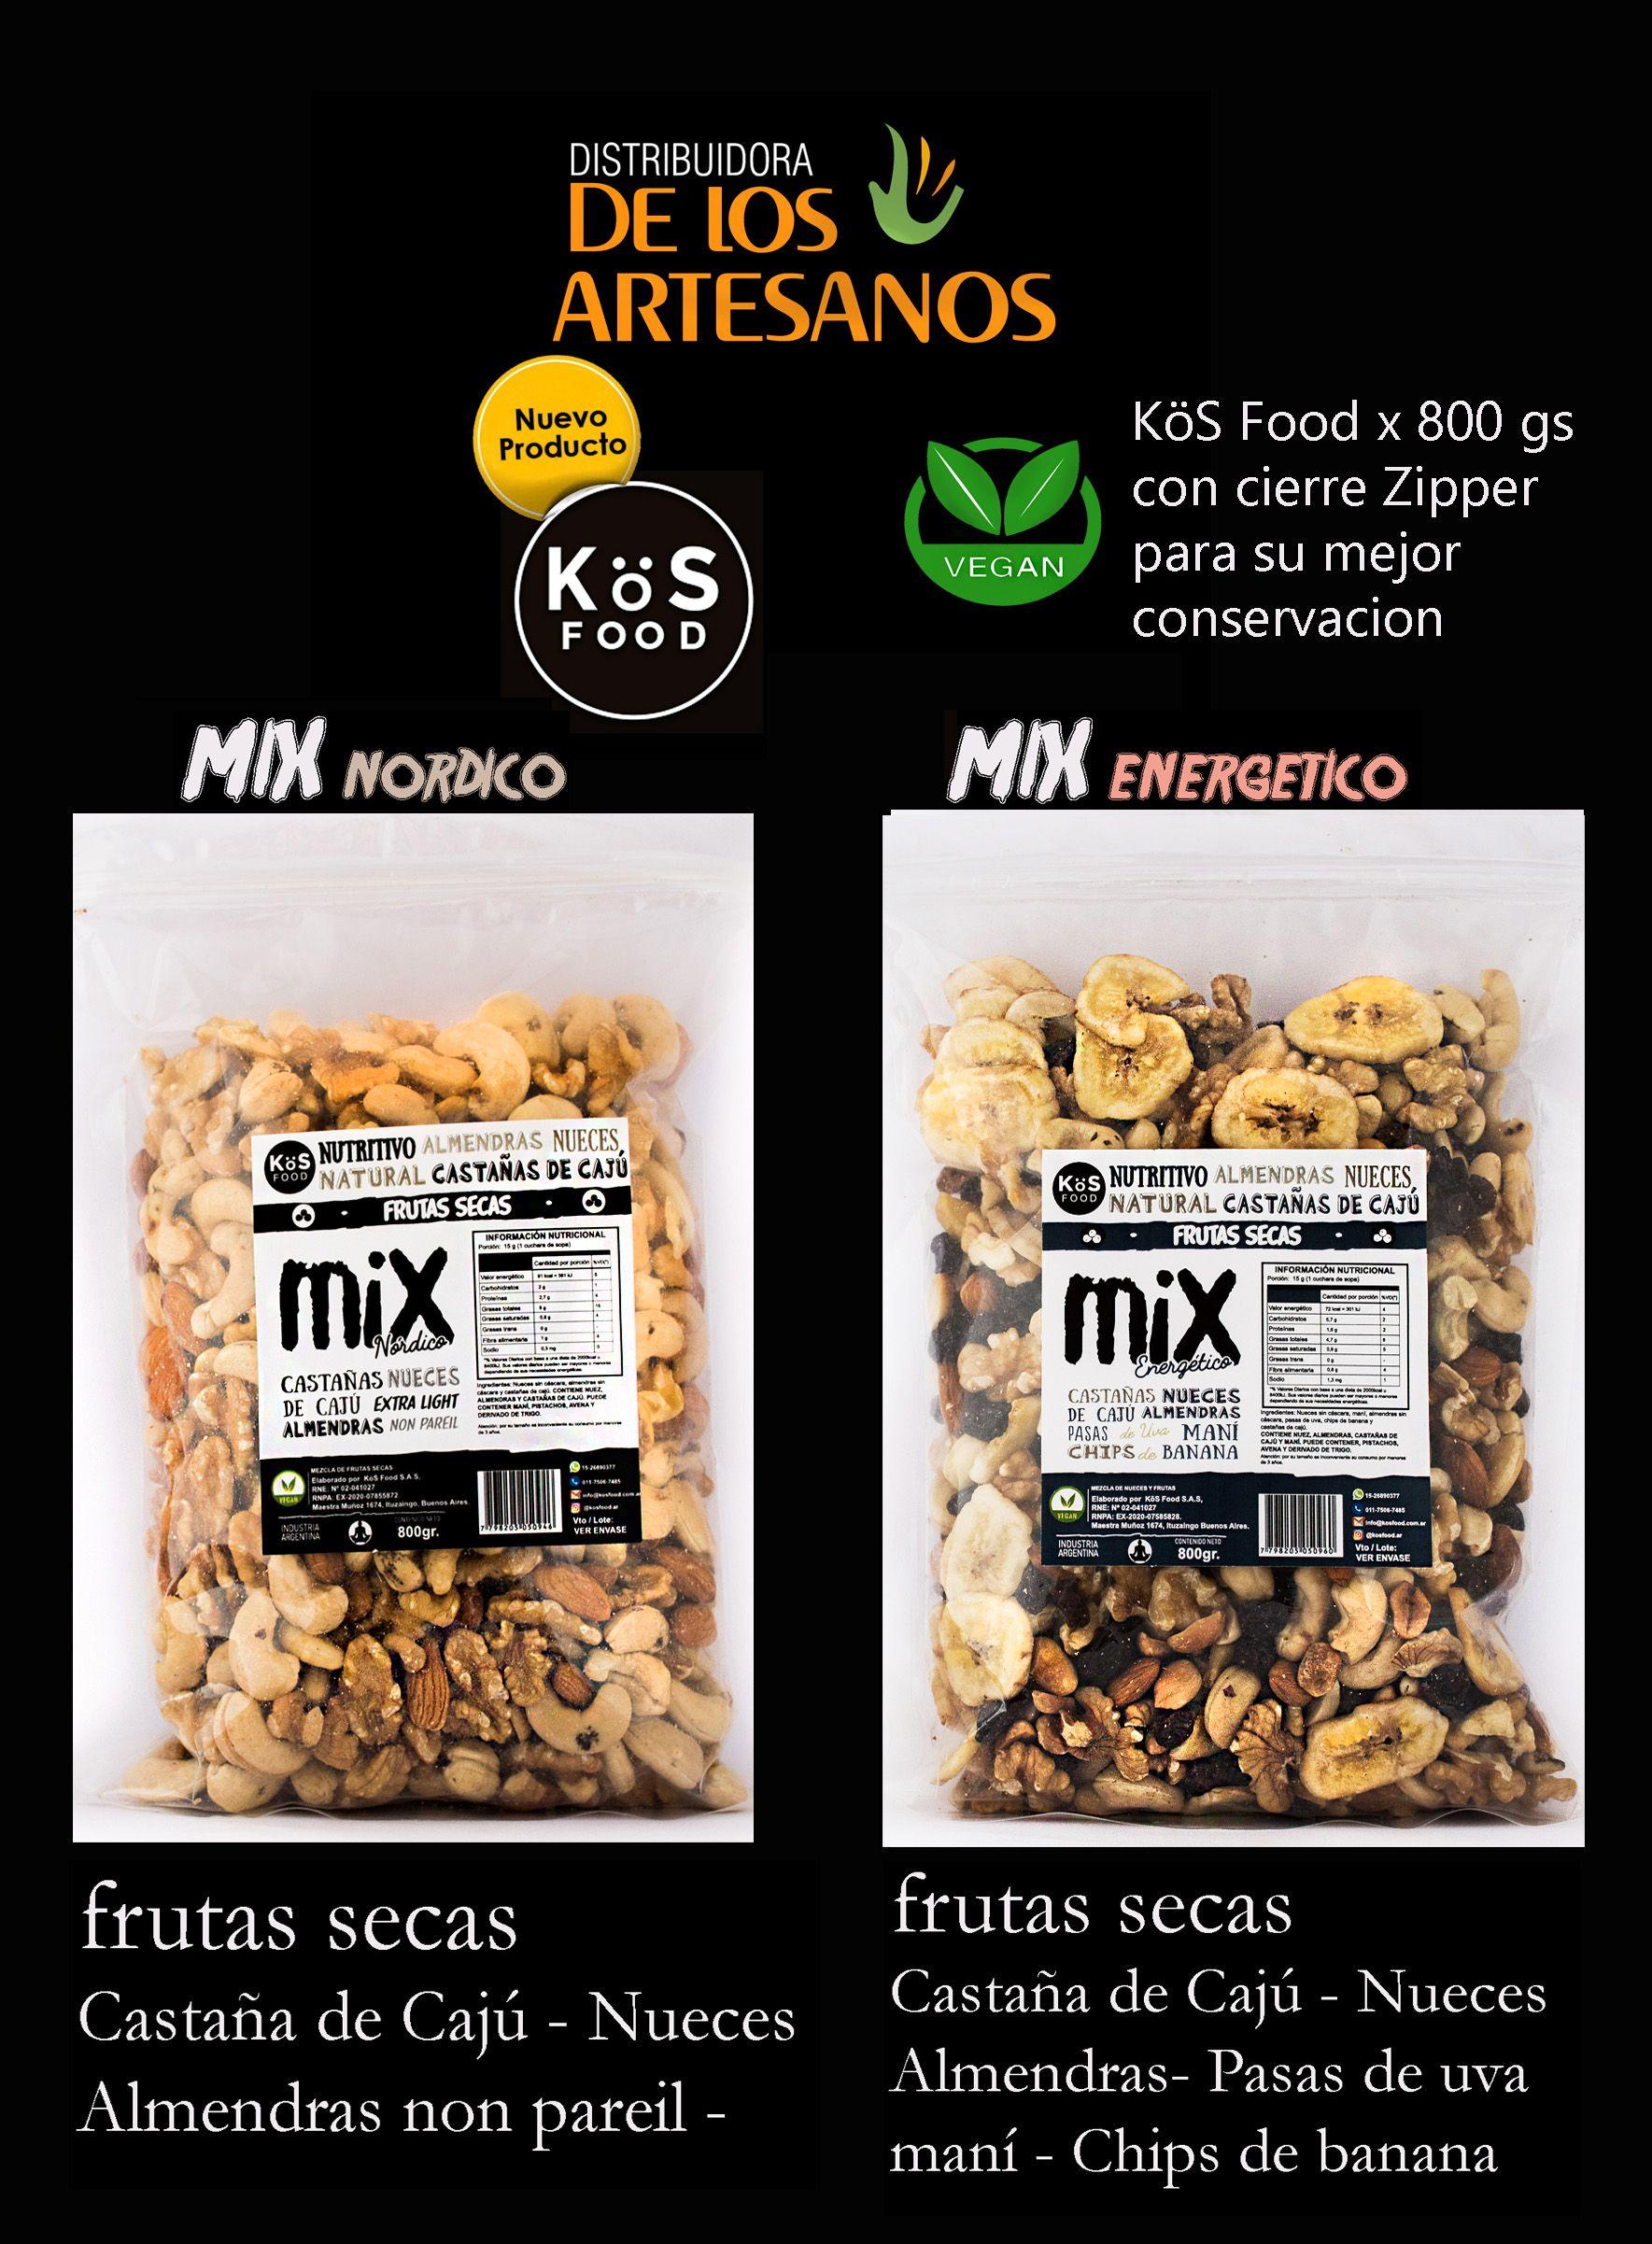 Frutas Secas Veganas Kös Food Nordico Energetico Distribuidora De Los Artesanos Fruta Seca Recetas De Comida Nutritivo